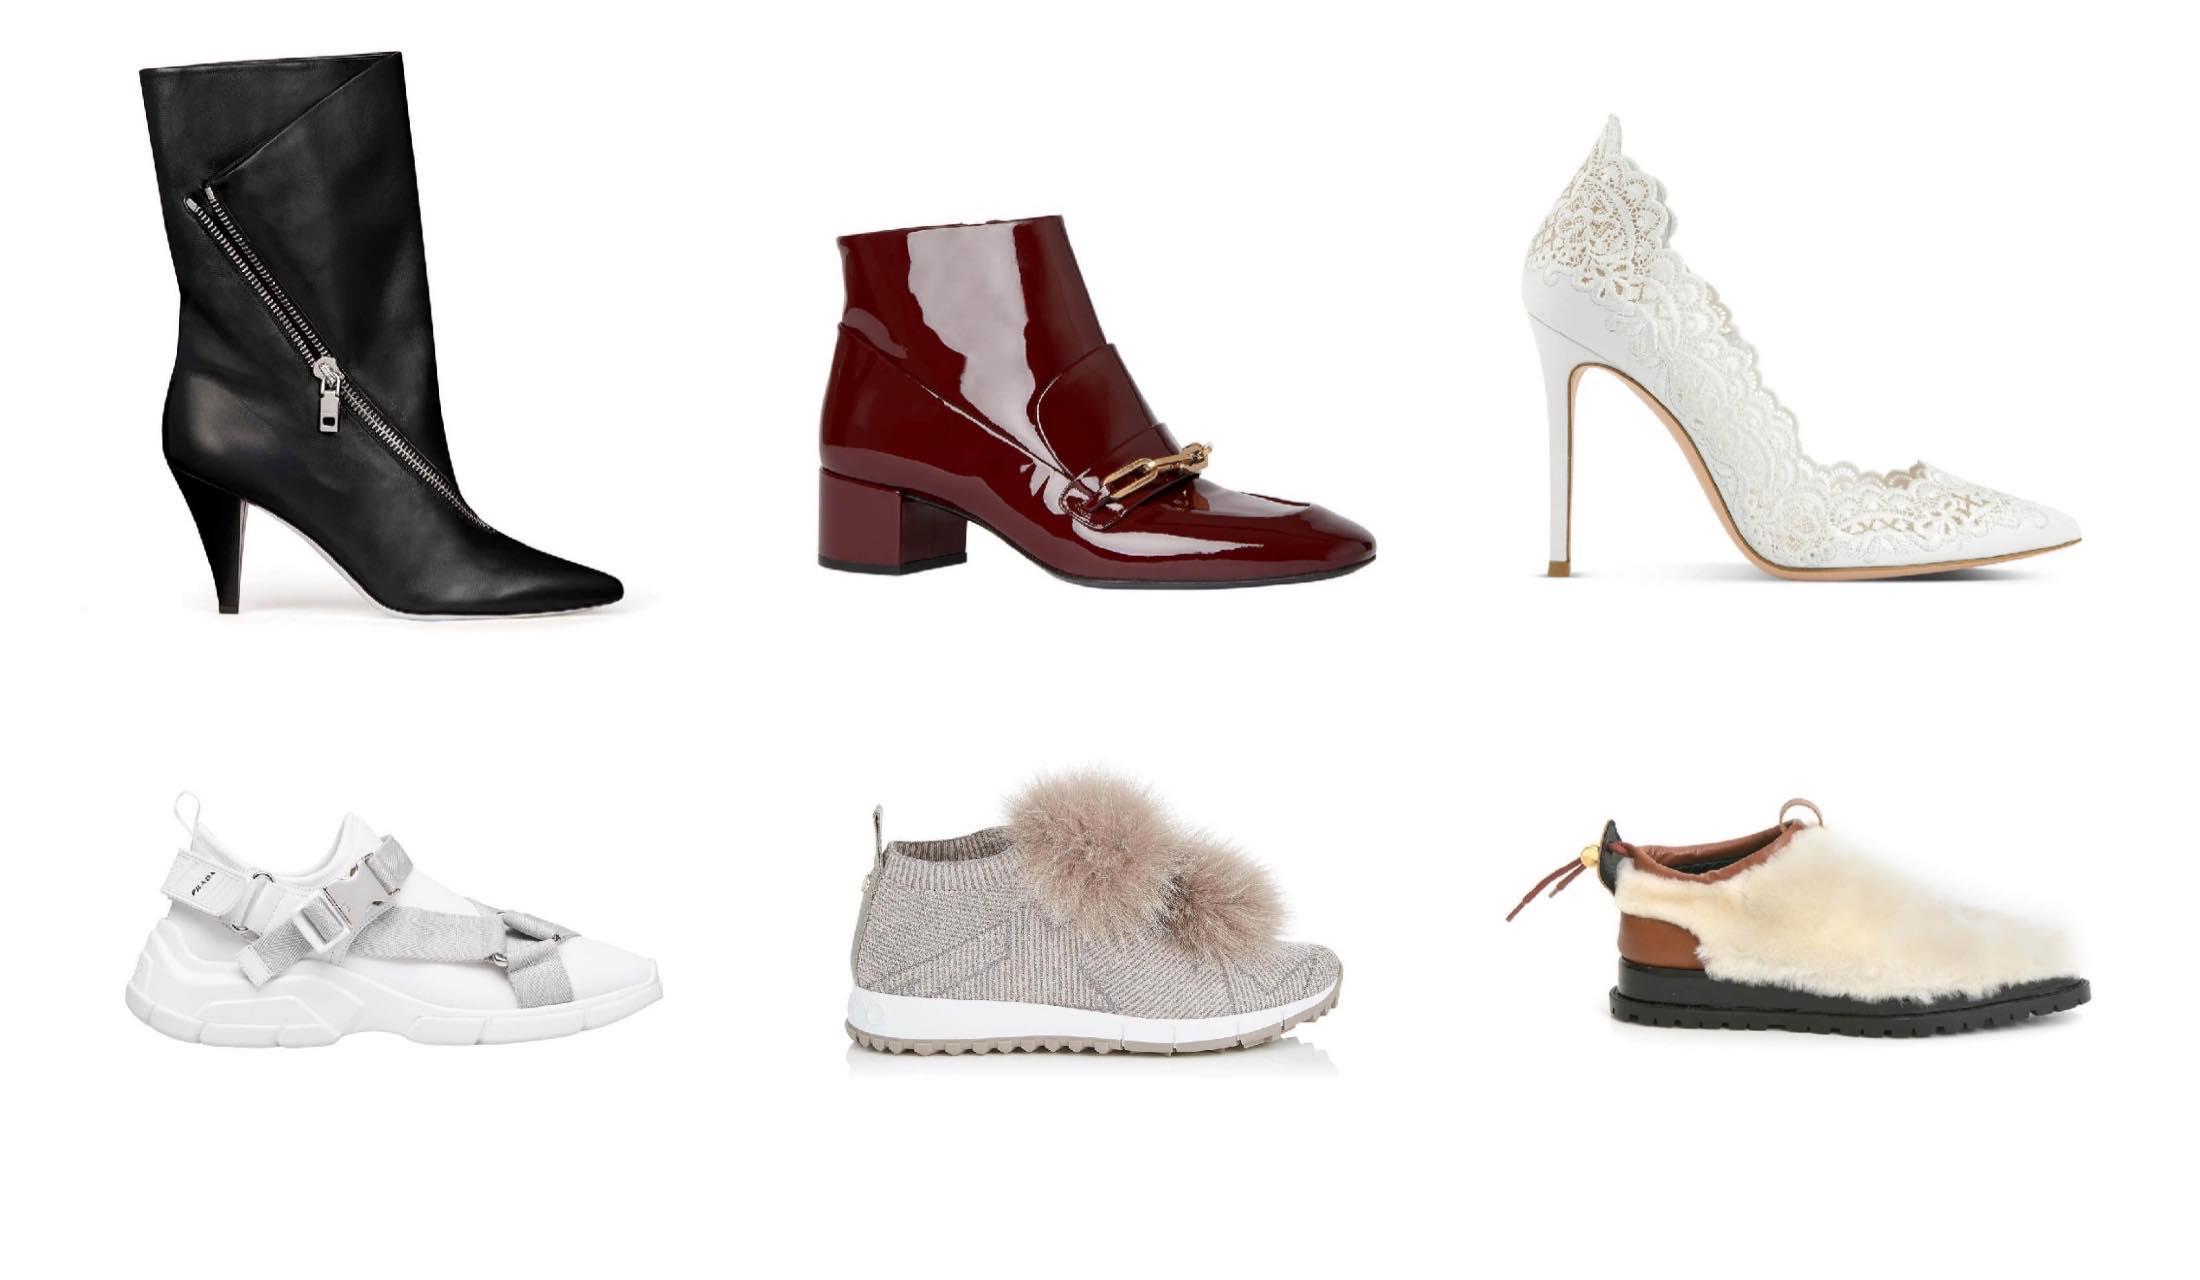 スニーカーやパンプス、ブーツなど2018年秋の靴の新作写真6点